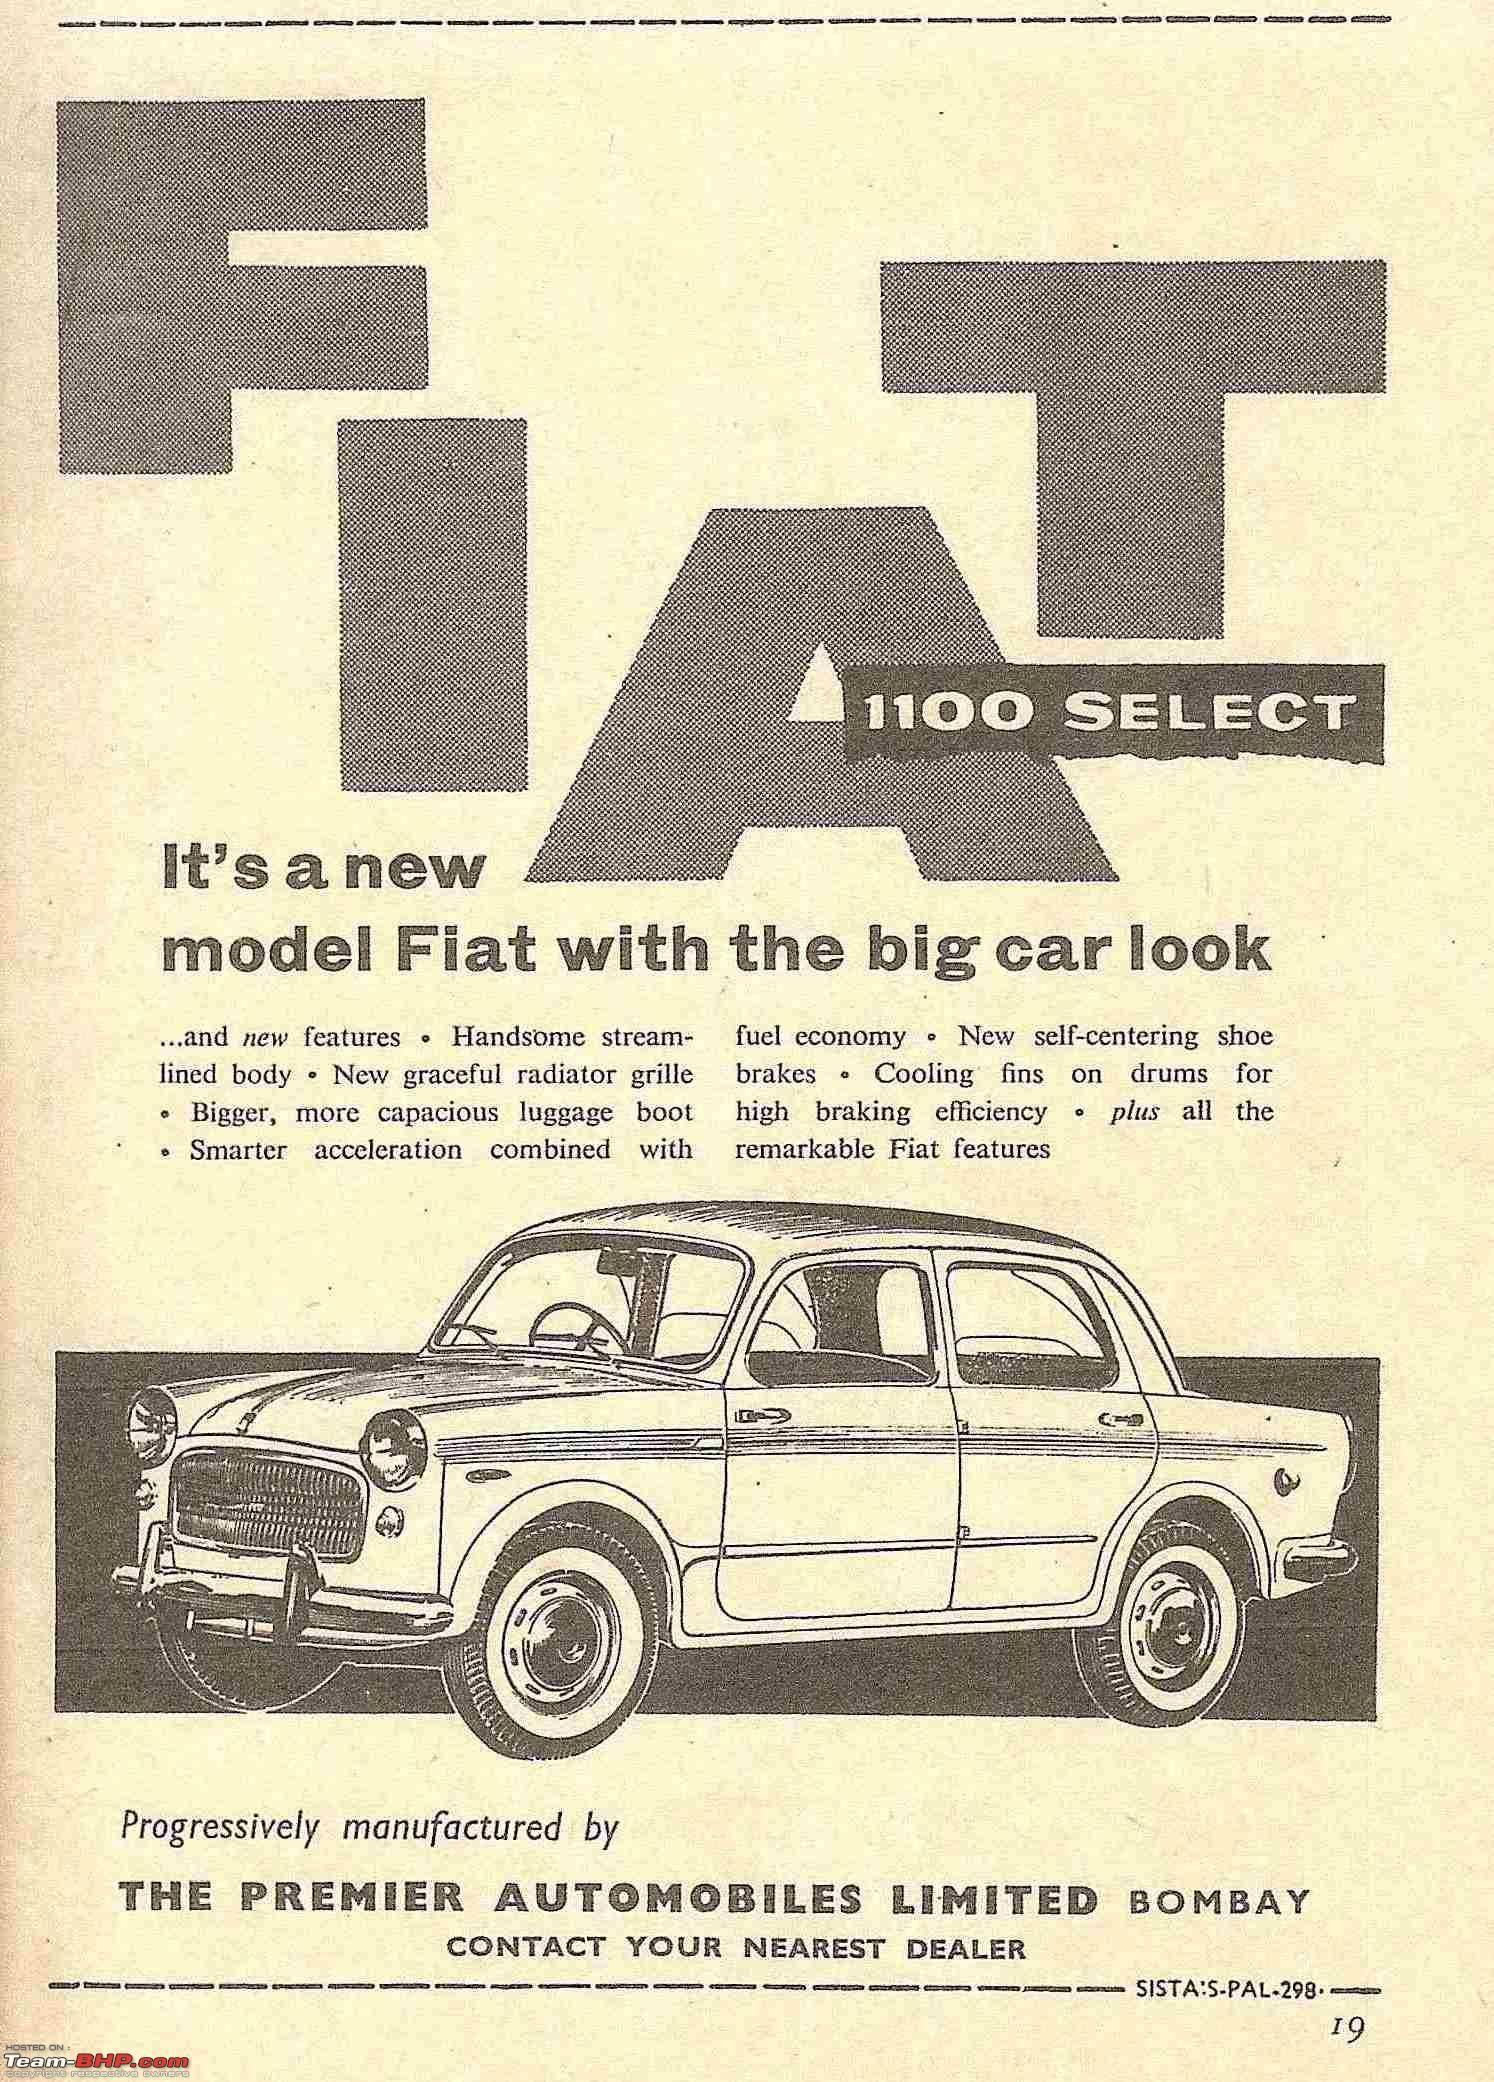 Nsu Fiat Neckar 1100 Image By Peter Stetzuhn Vintage Ads Old